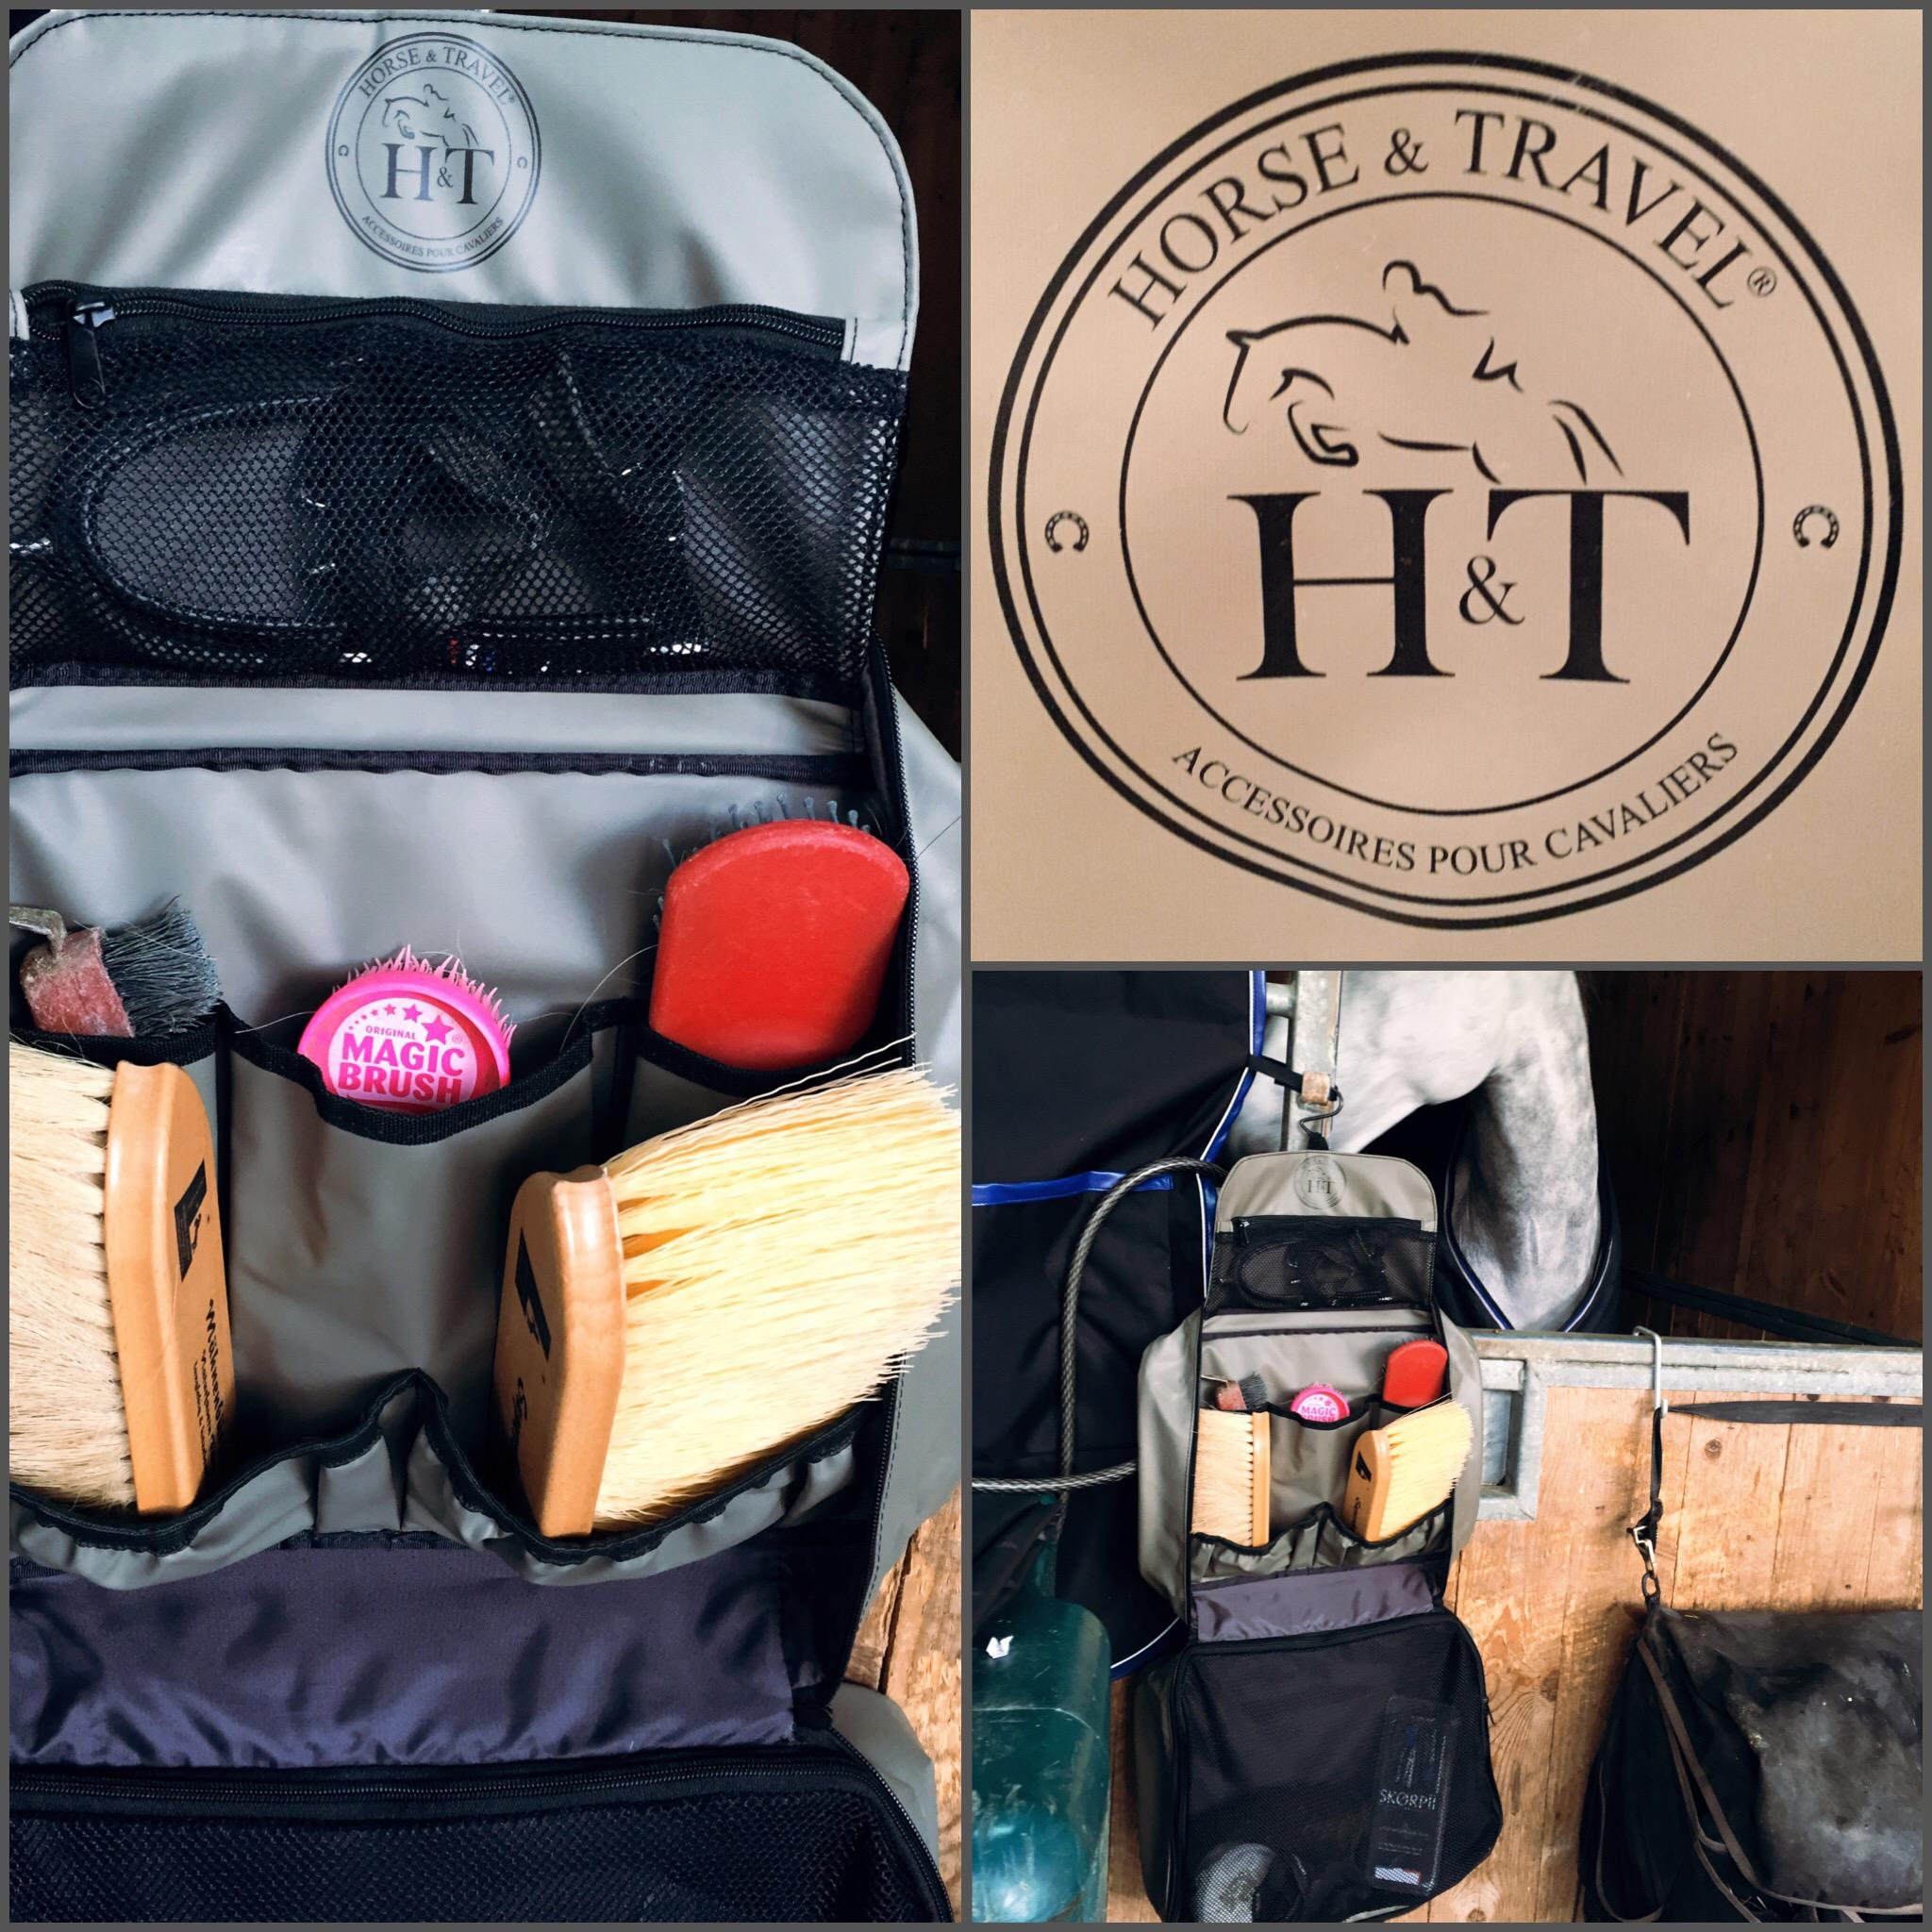 Sac de pansage Horse&Travel